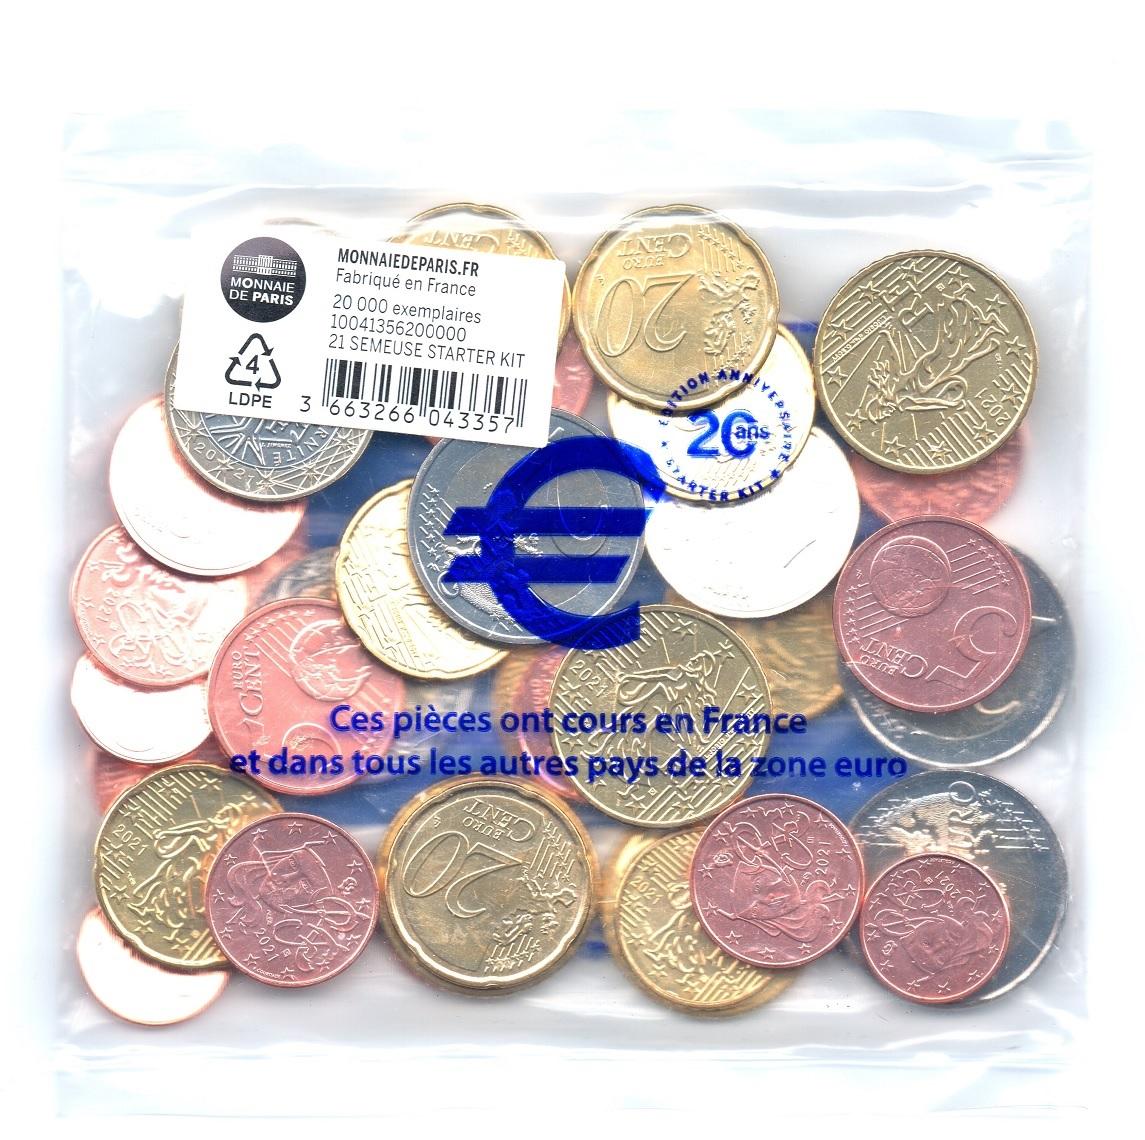 (EUR07.SK.2021.10041356200000) Starter-kit (reissue) France 2021 (back view) (zoom)